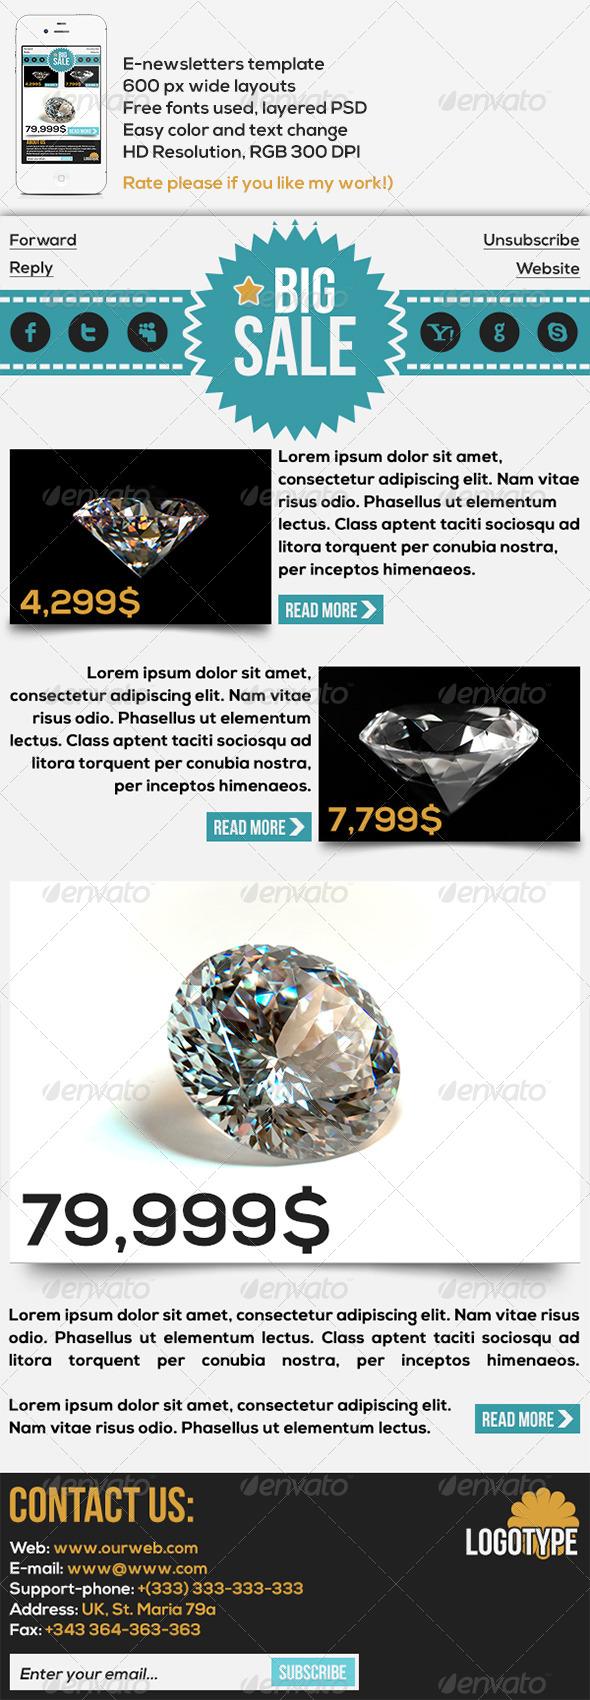 GraphicRiver Diamonder E-newsletters Template 4498477